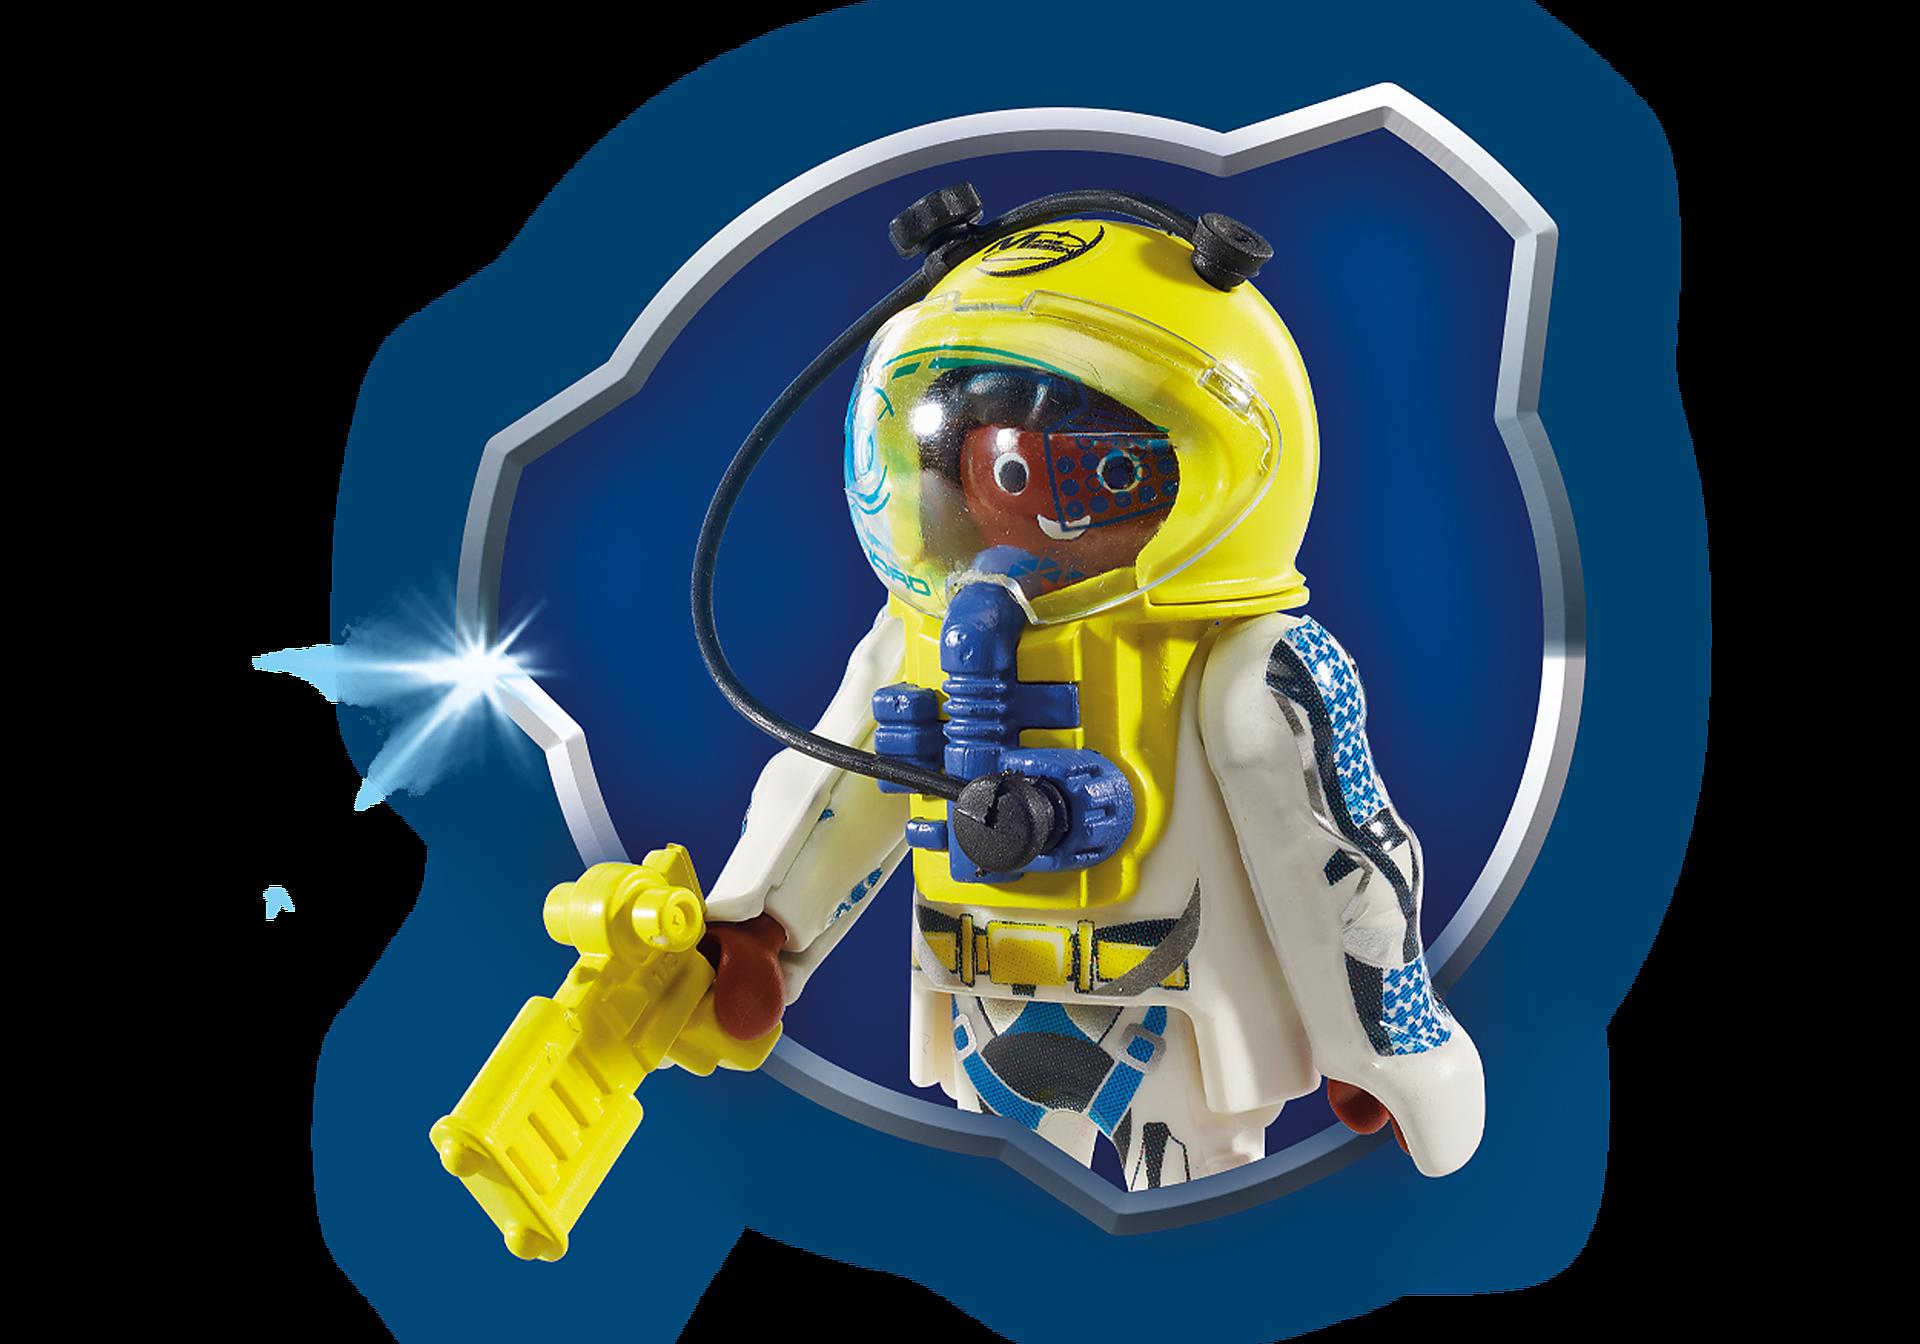 9491 Τρίκυκλο διαστημικών αποστολών zoom image5